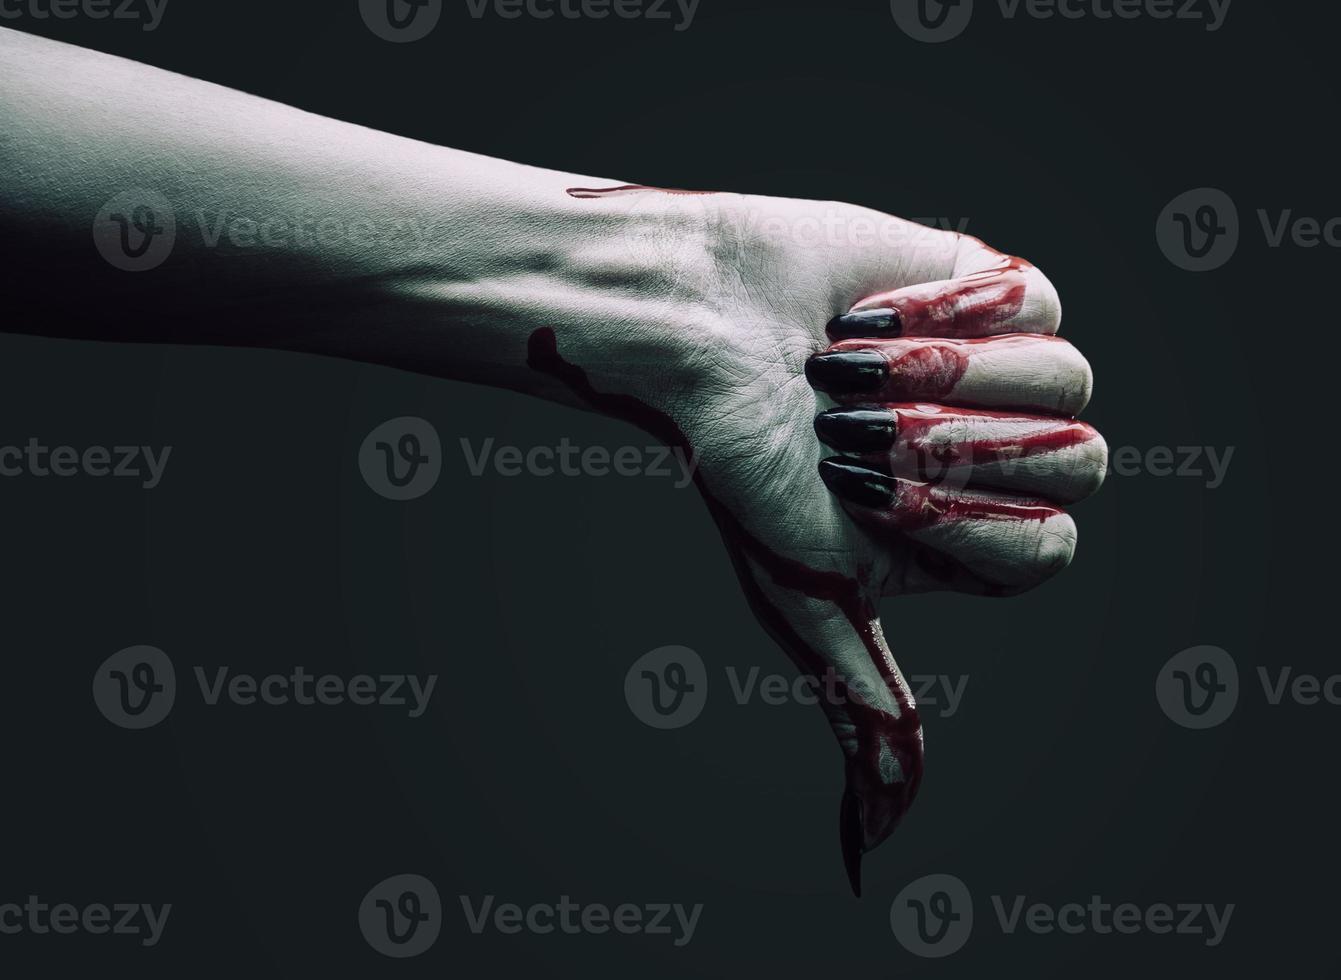 vampier hand toont duim omlaag gebaar foto